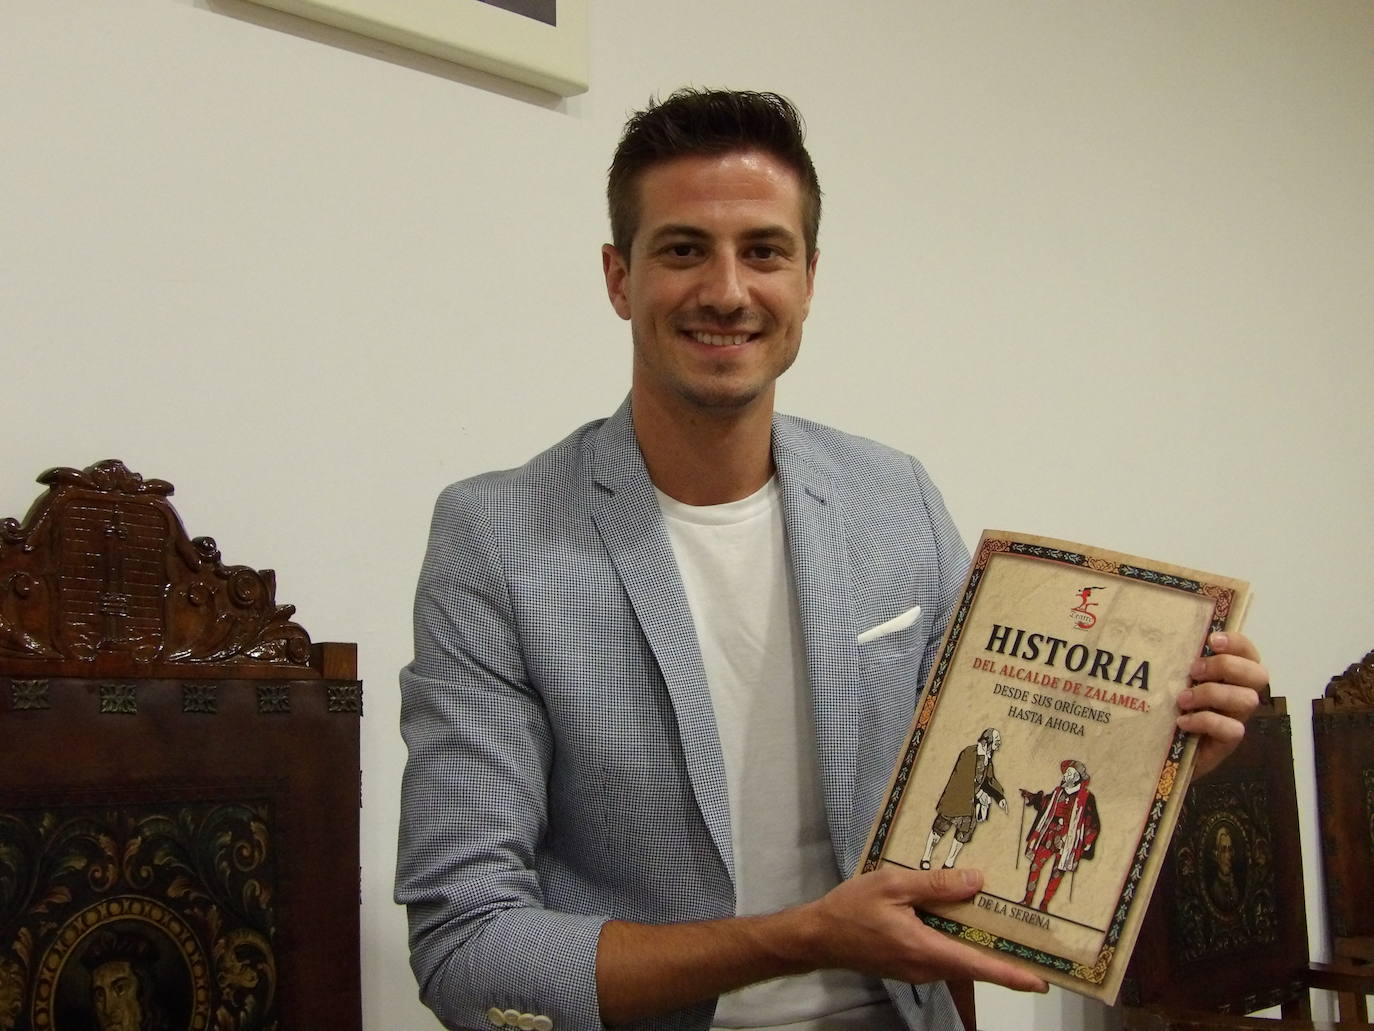 El libro 'Historia del alcalde de Zalamea, desde sus orígenes hasta ahora' ya está publicado